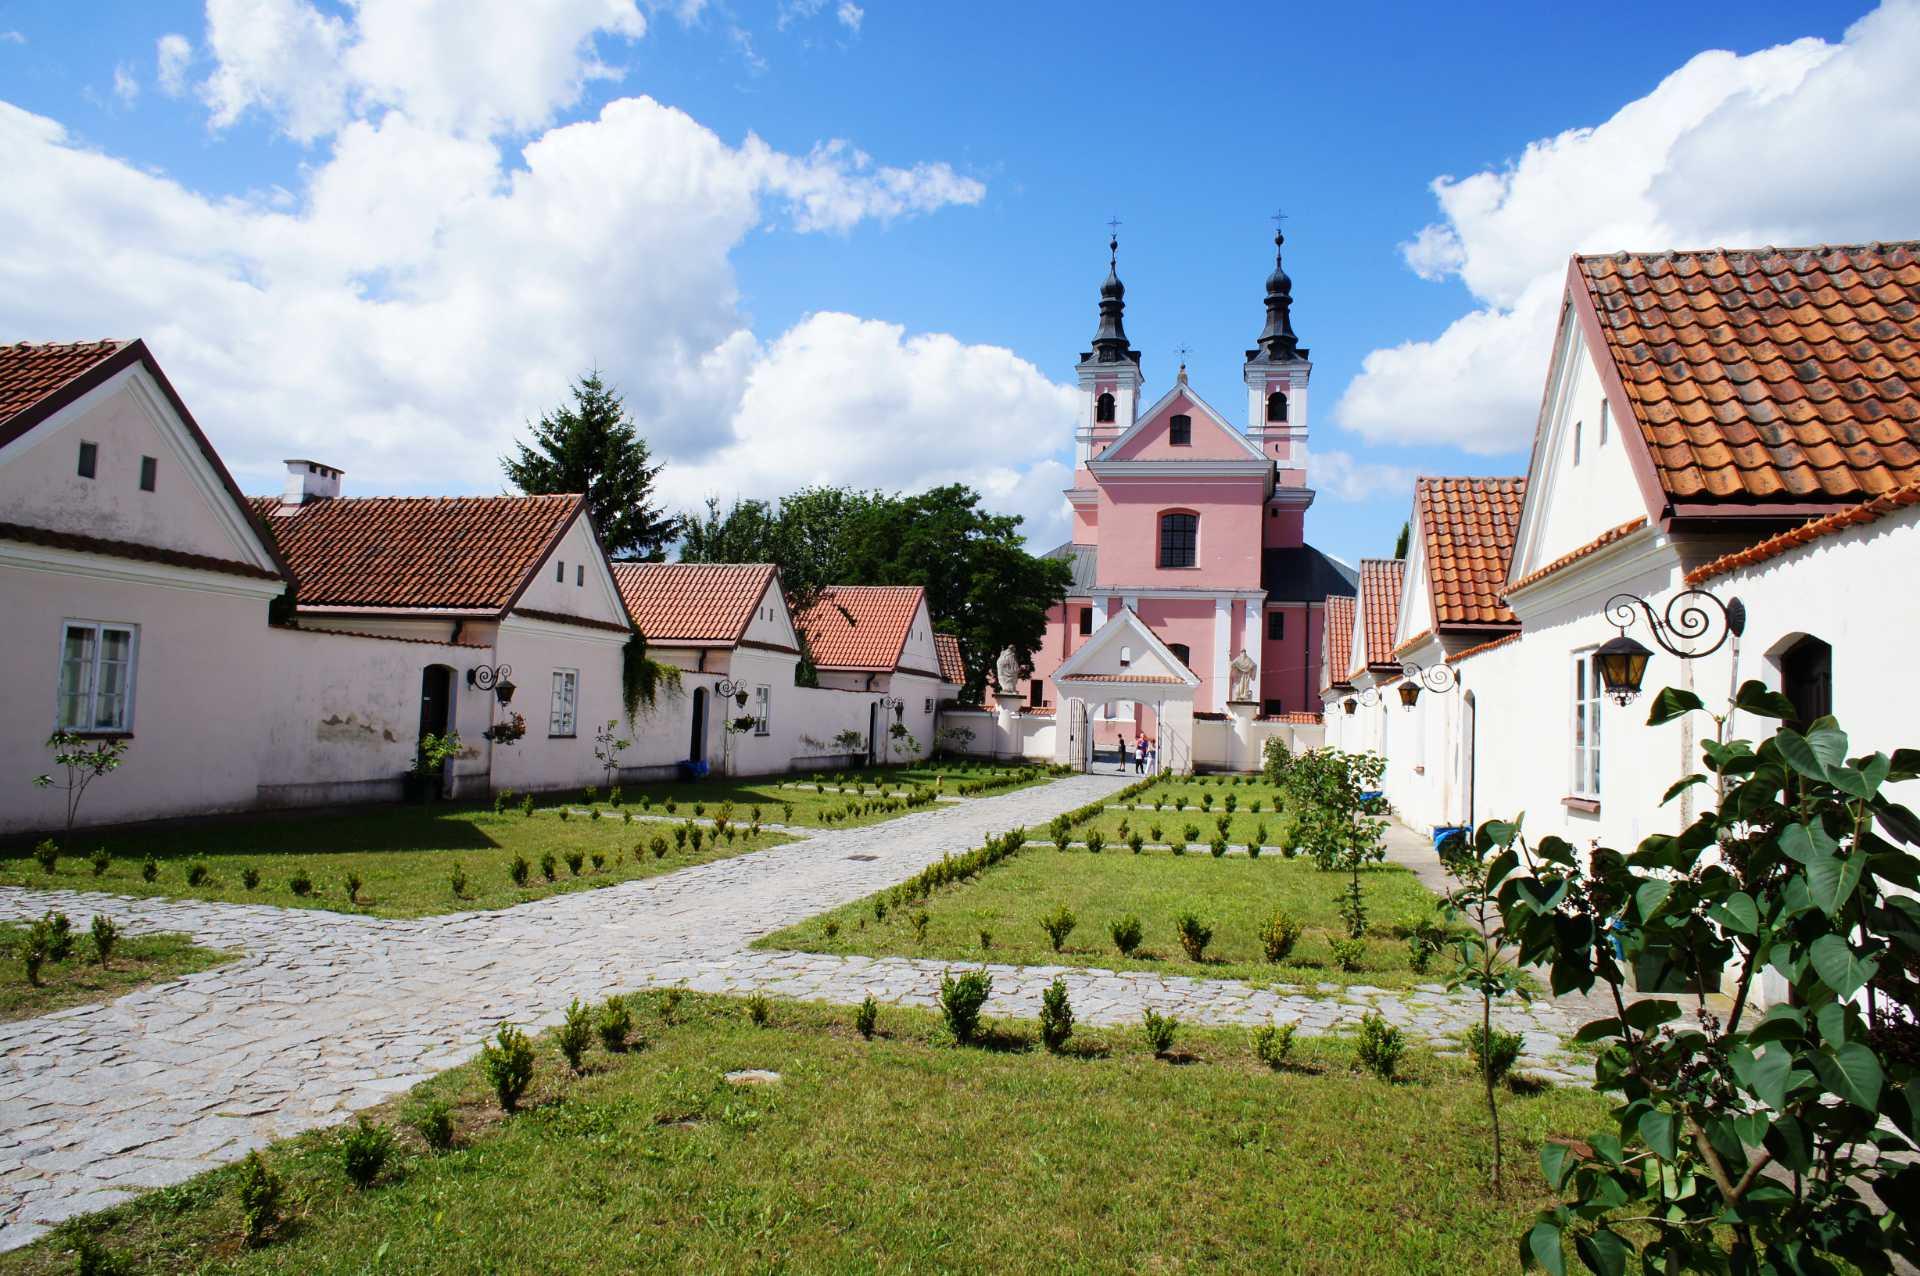 Zu sehen ist das Wigry-Kloster in der Nähe von Suwałki, Bild: Magkrys